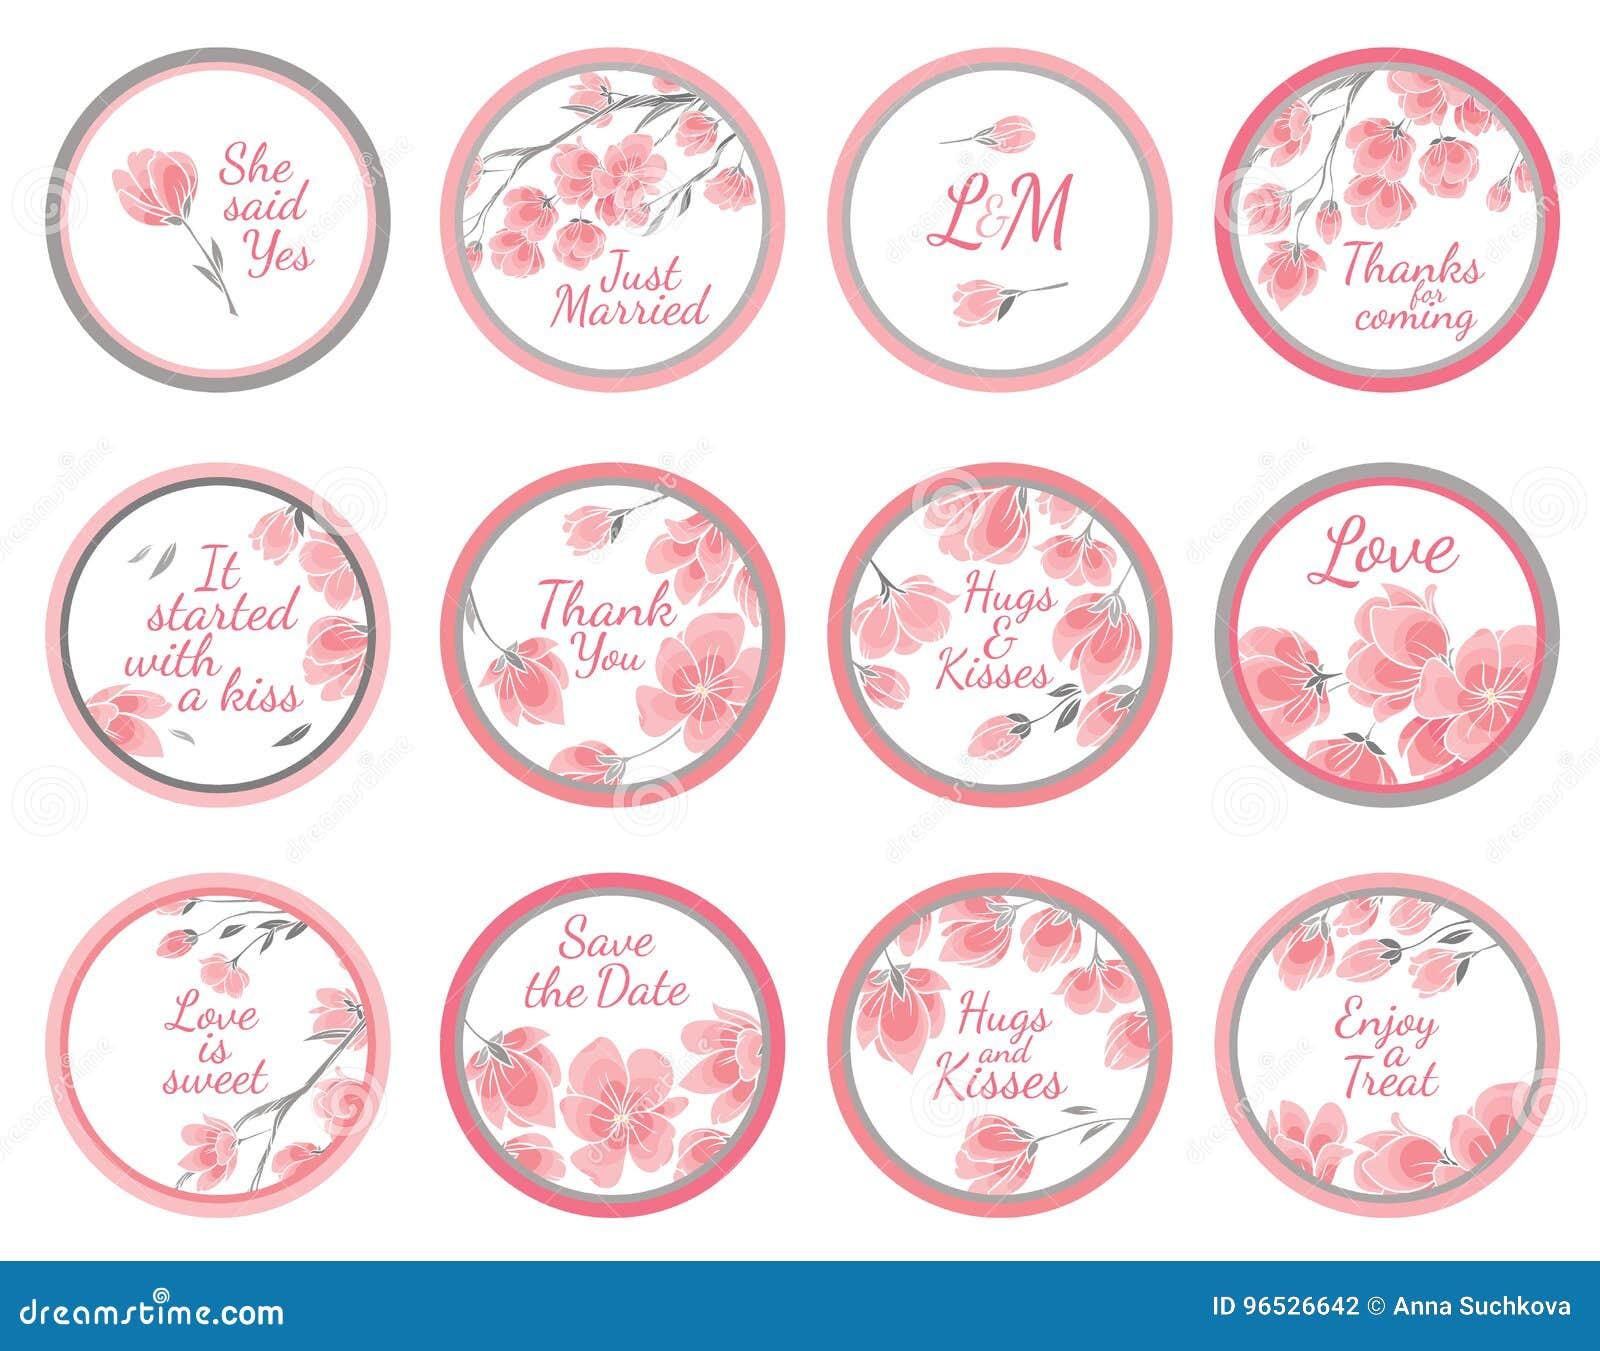 Etiquetas do cumprimento do vetor do molde - presente de casamento para o convidado